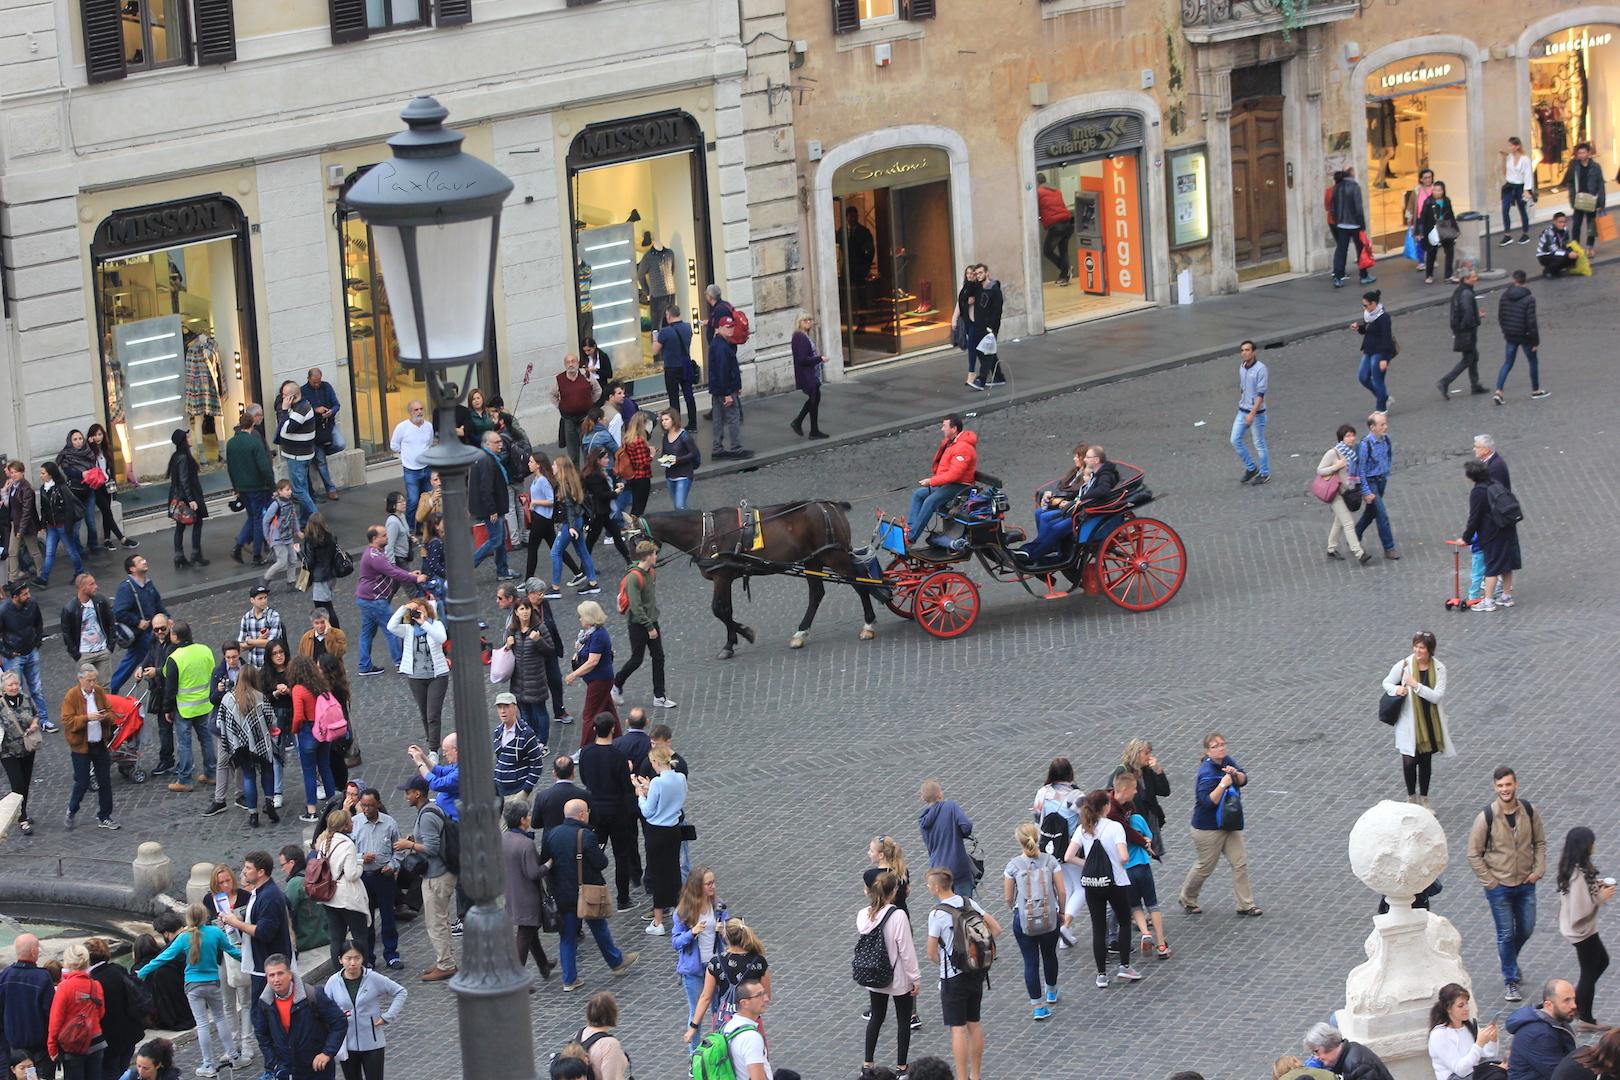 roma_piazza-di-spagna_noiembrie2016_paxlaur10